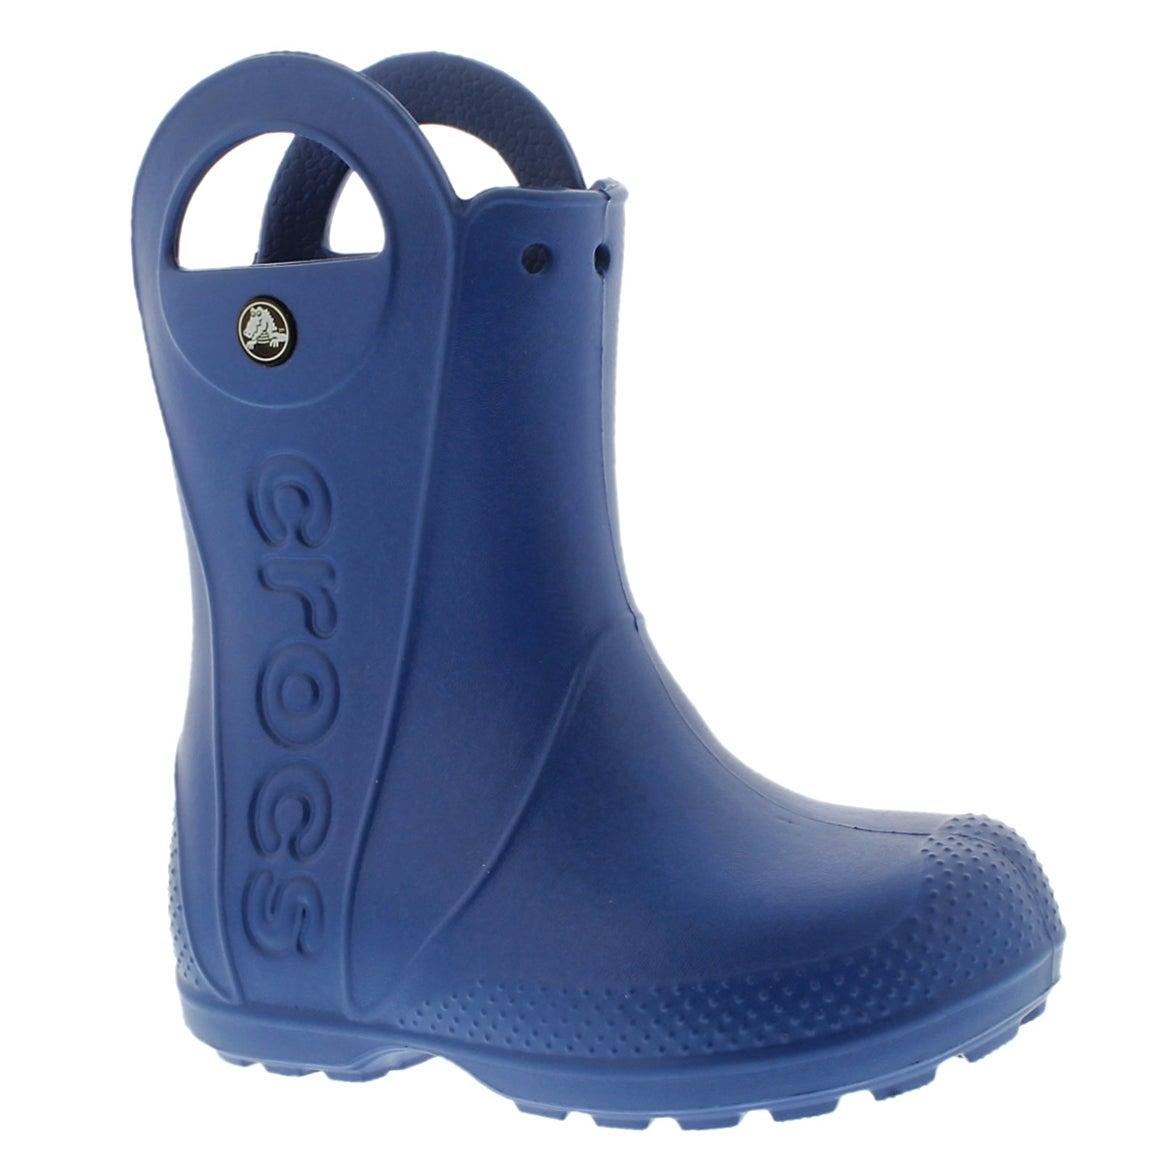 Kds Handle it sea blue wtprf rainboot